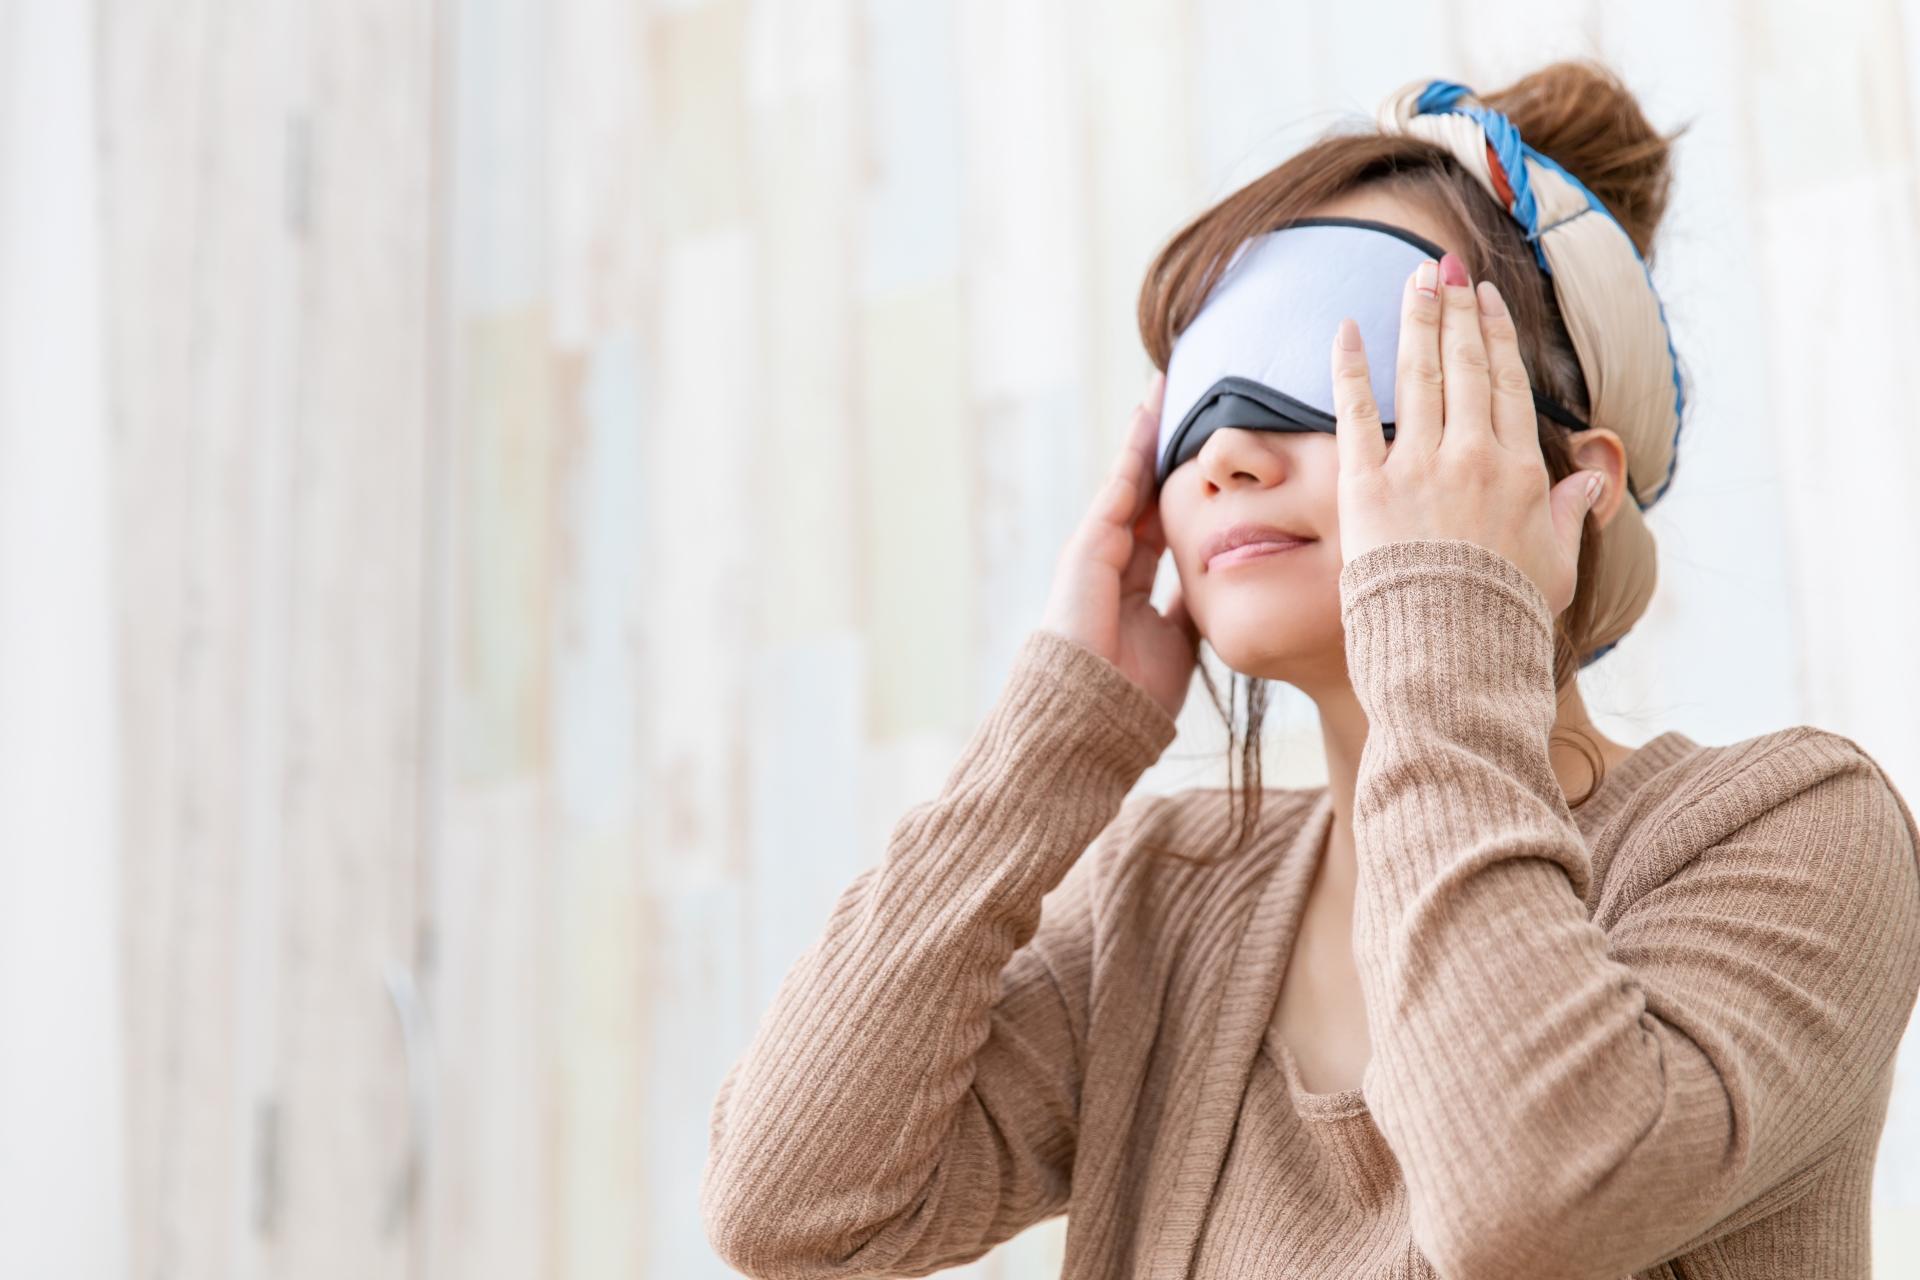 アイマスクで目をケアする女性